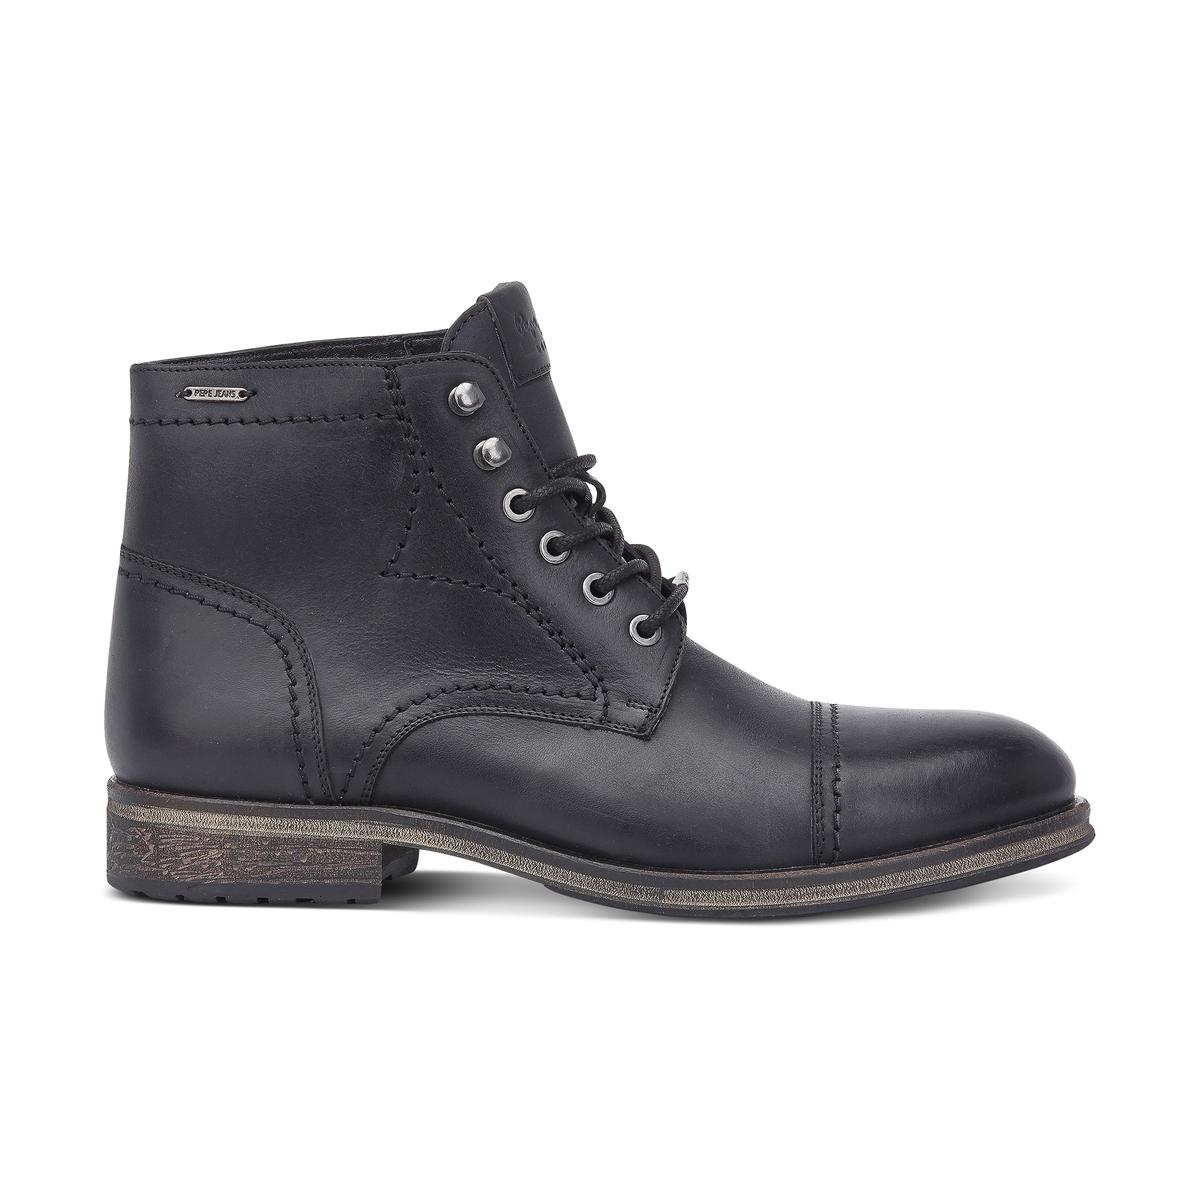 Ботинки BalticПодкладка : Кожа    Стелька: Кожа   Подошва: КаучукФорма каблука : Плоский каблук   Мысок : ЗакругленныйЗастежка : Шнуровка.<br><br>Цвет: черный<br>Размер: 44